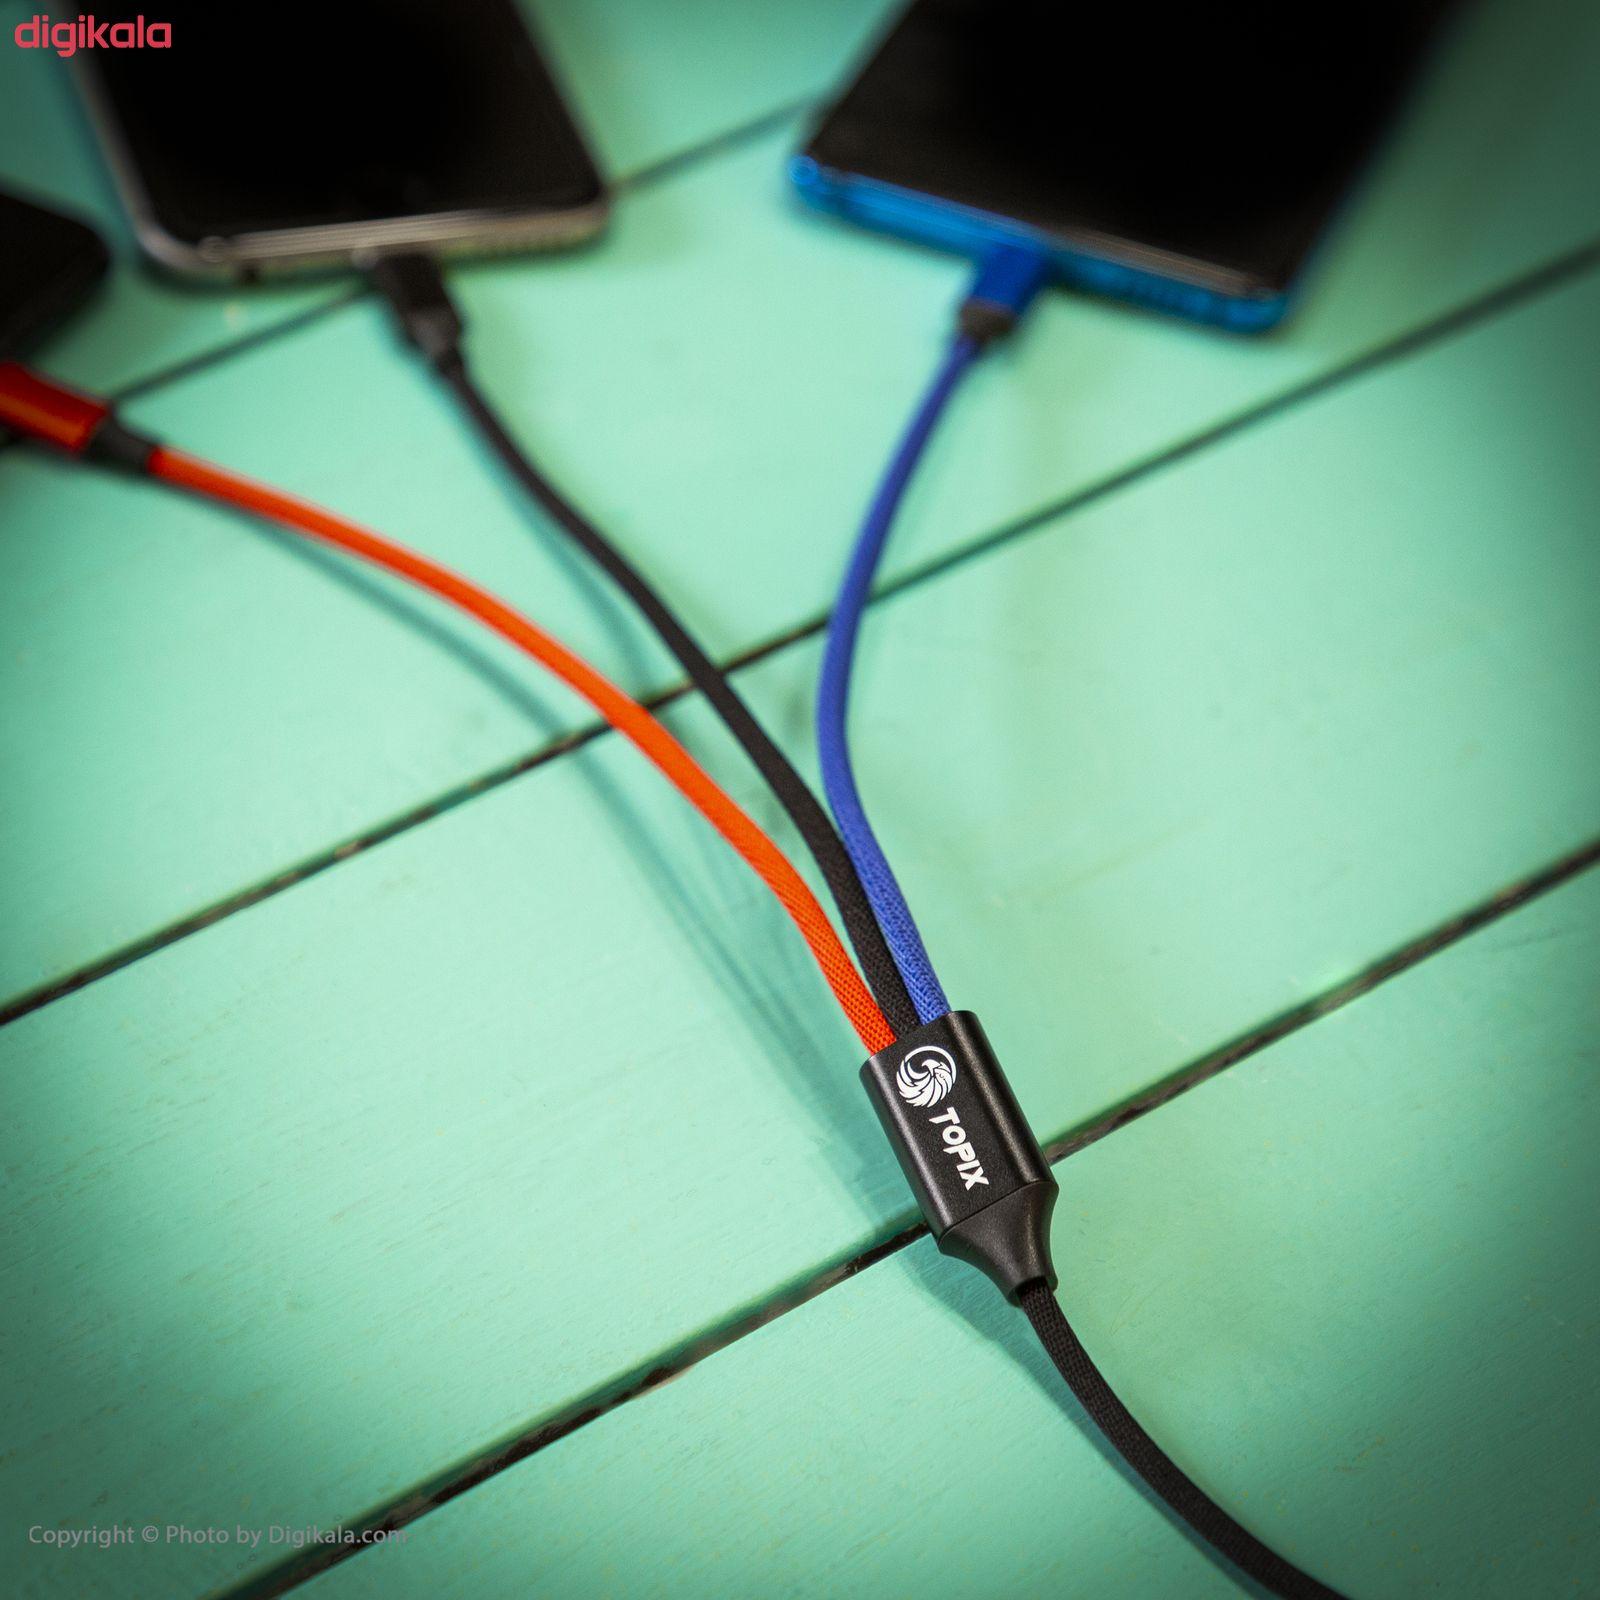 کابل تبدیل USB به لایتنینگ/USB-C/microUSB تاپیکس مدل TS-03 طول 1.2 متر main 1 11